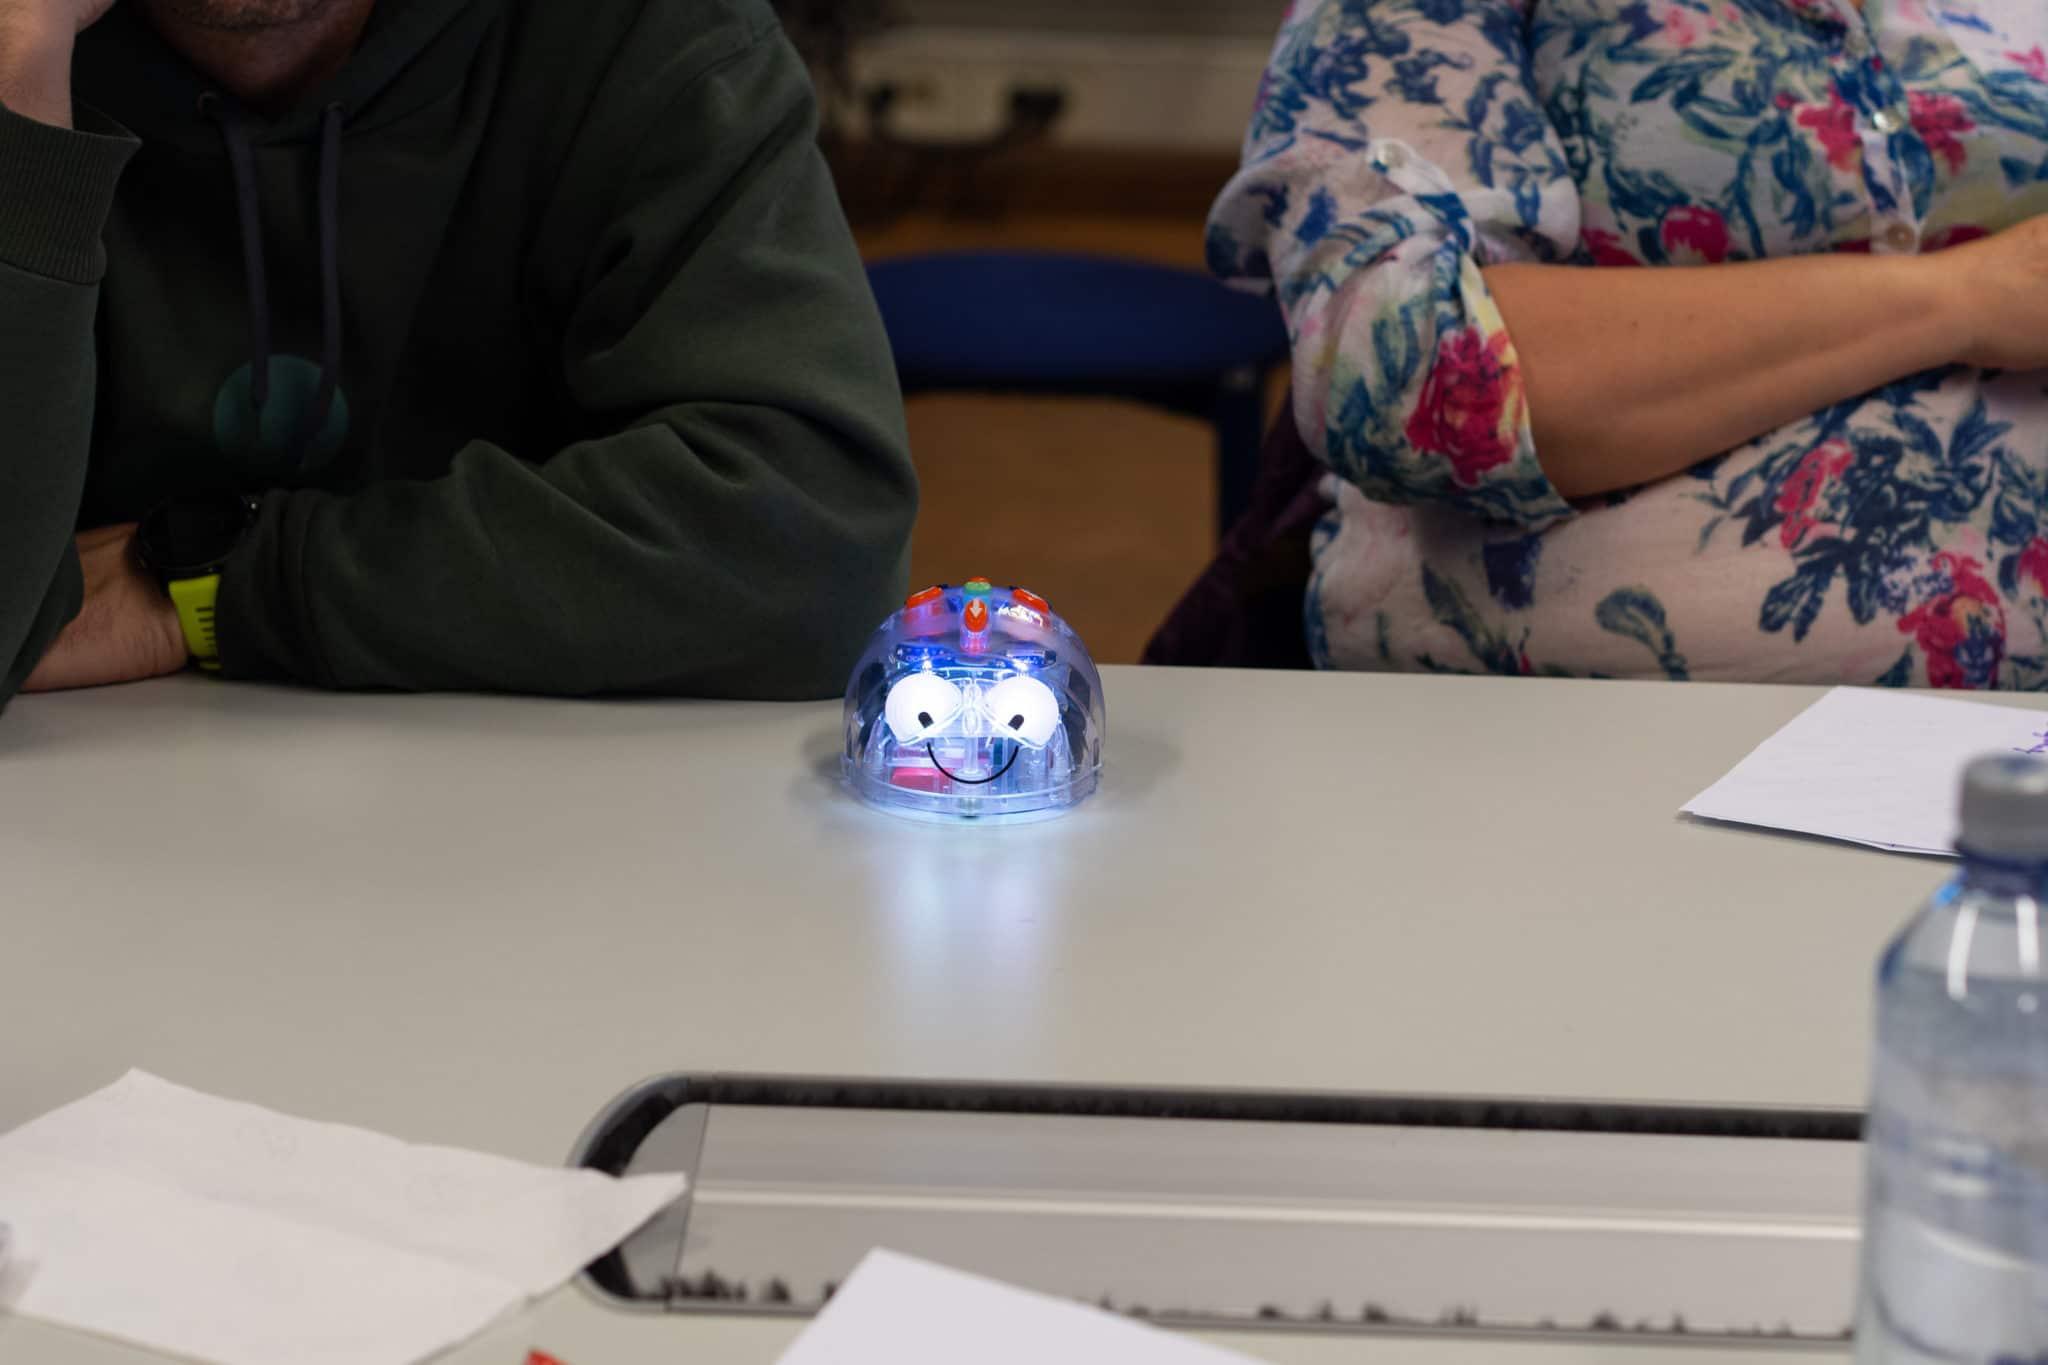 Pieni robotti pöydällä